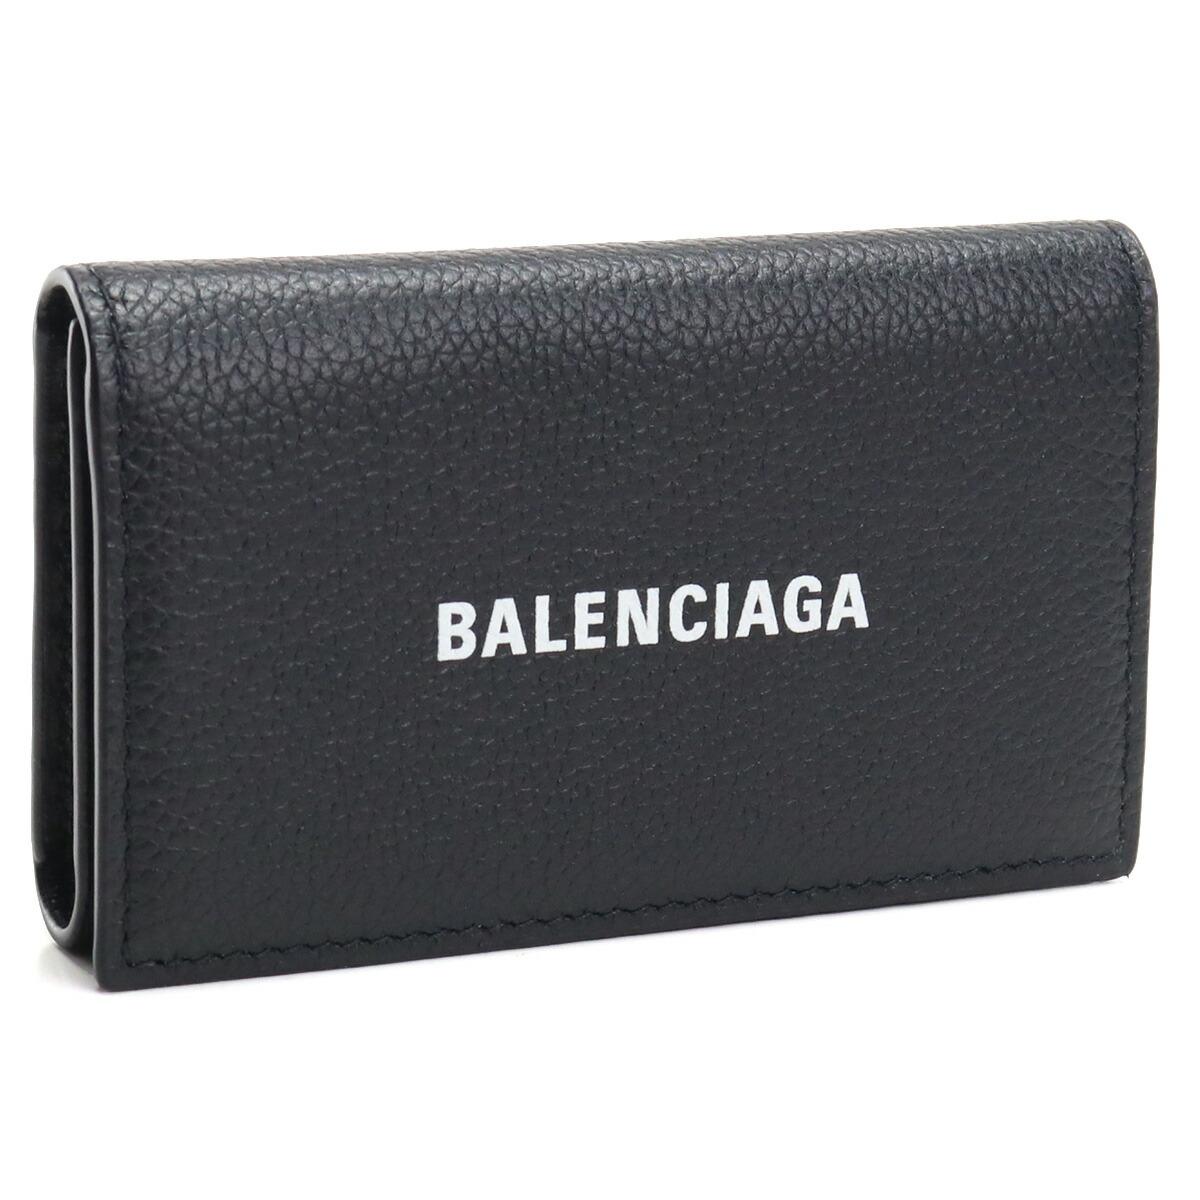 バレンシアガ BALENCIAGA  6連キーケース 640537 1IZI3 1090 ブラック bos-09 gsm-3